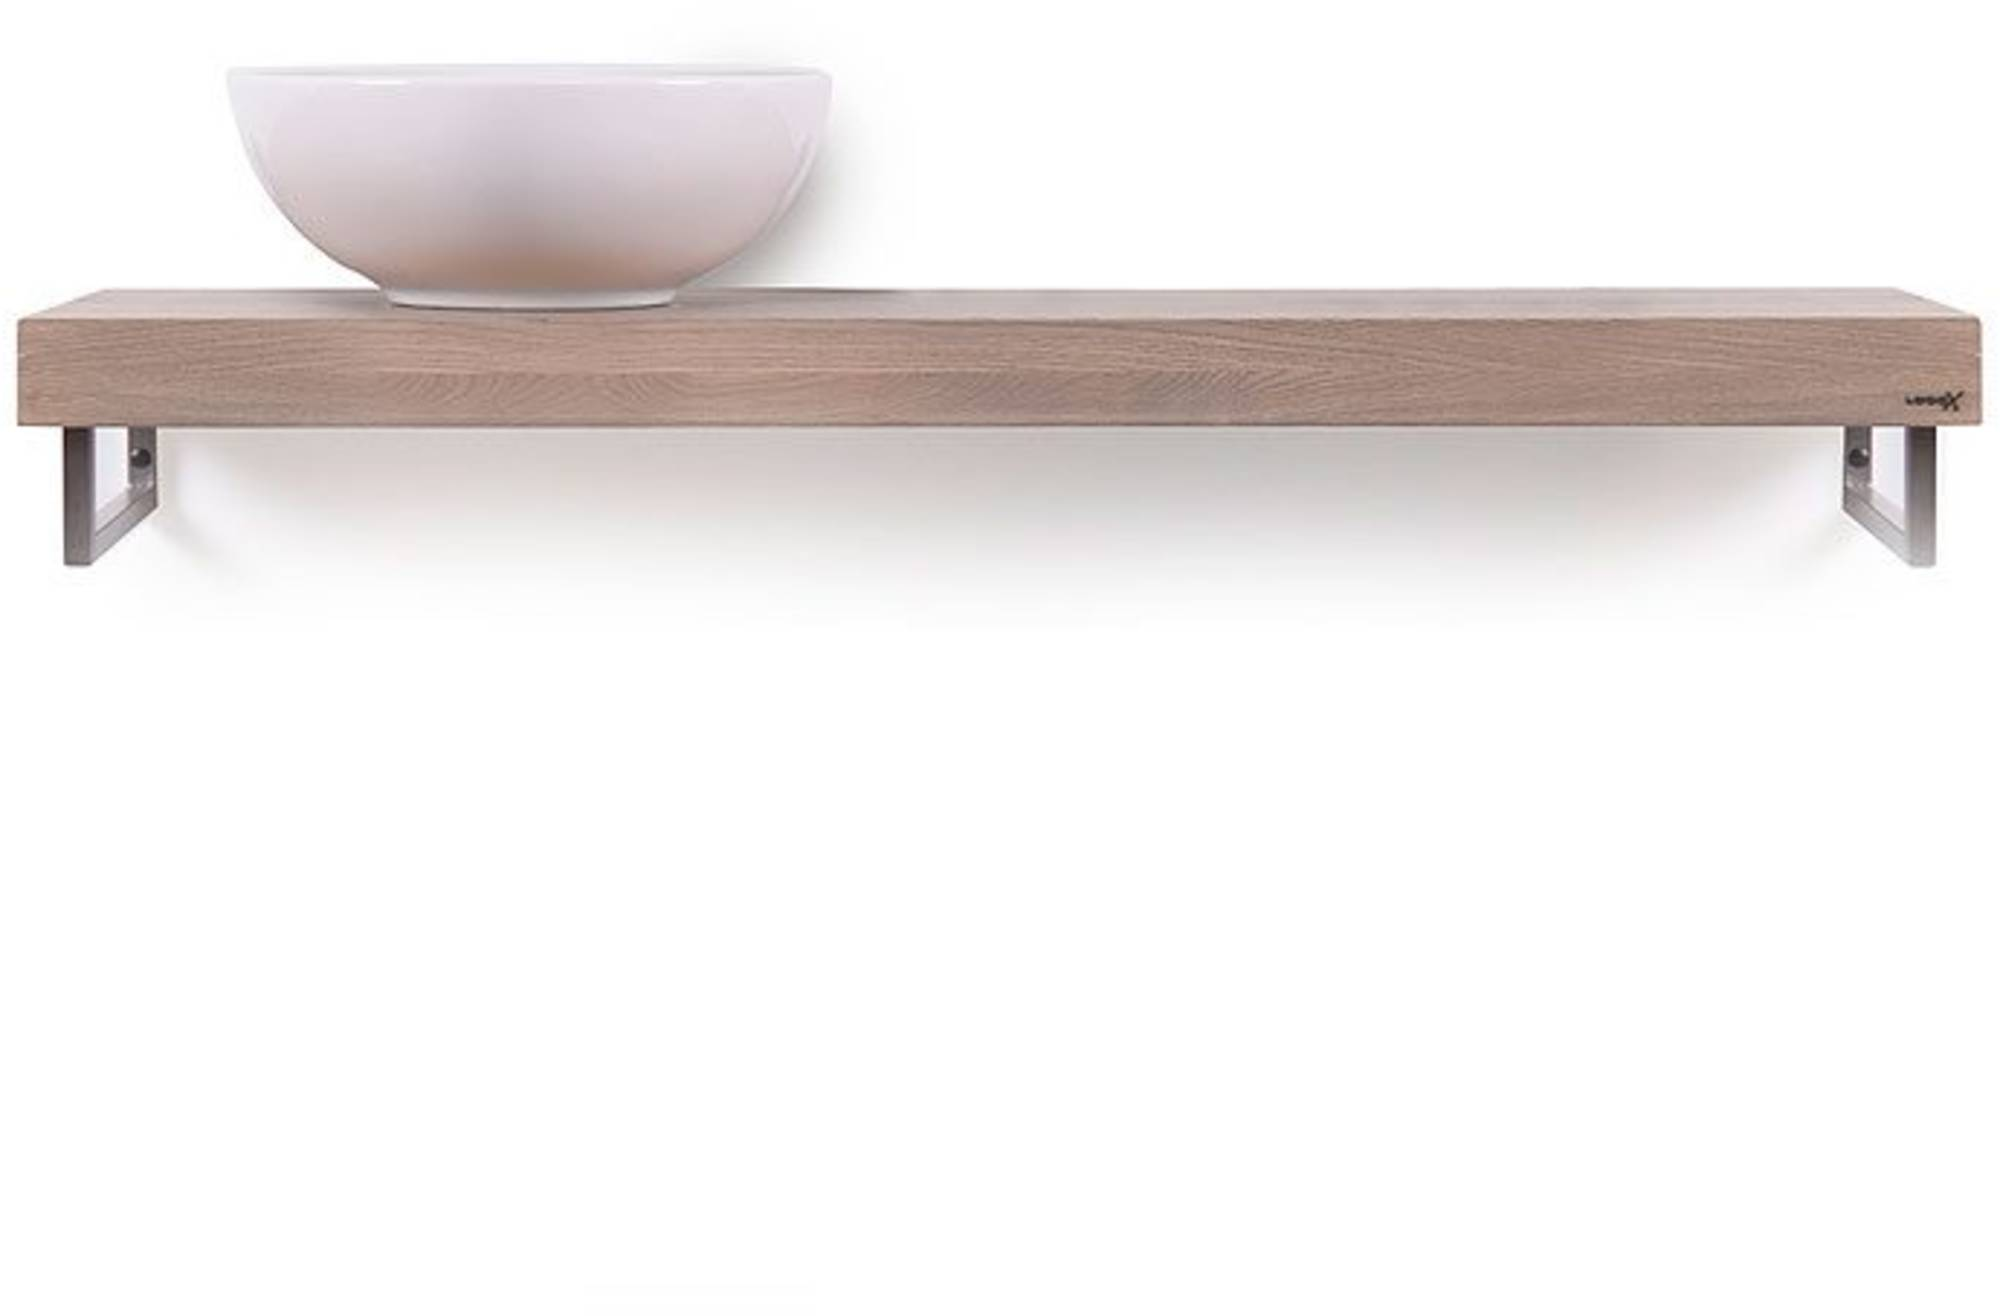 Looox Wooden Base Shelf Solo Eiken 100 cm Old Grey/RVS